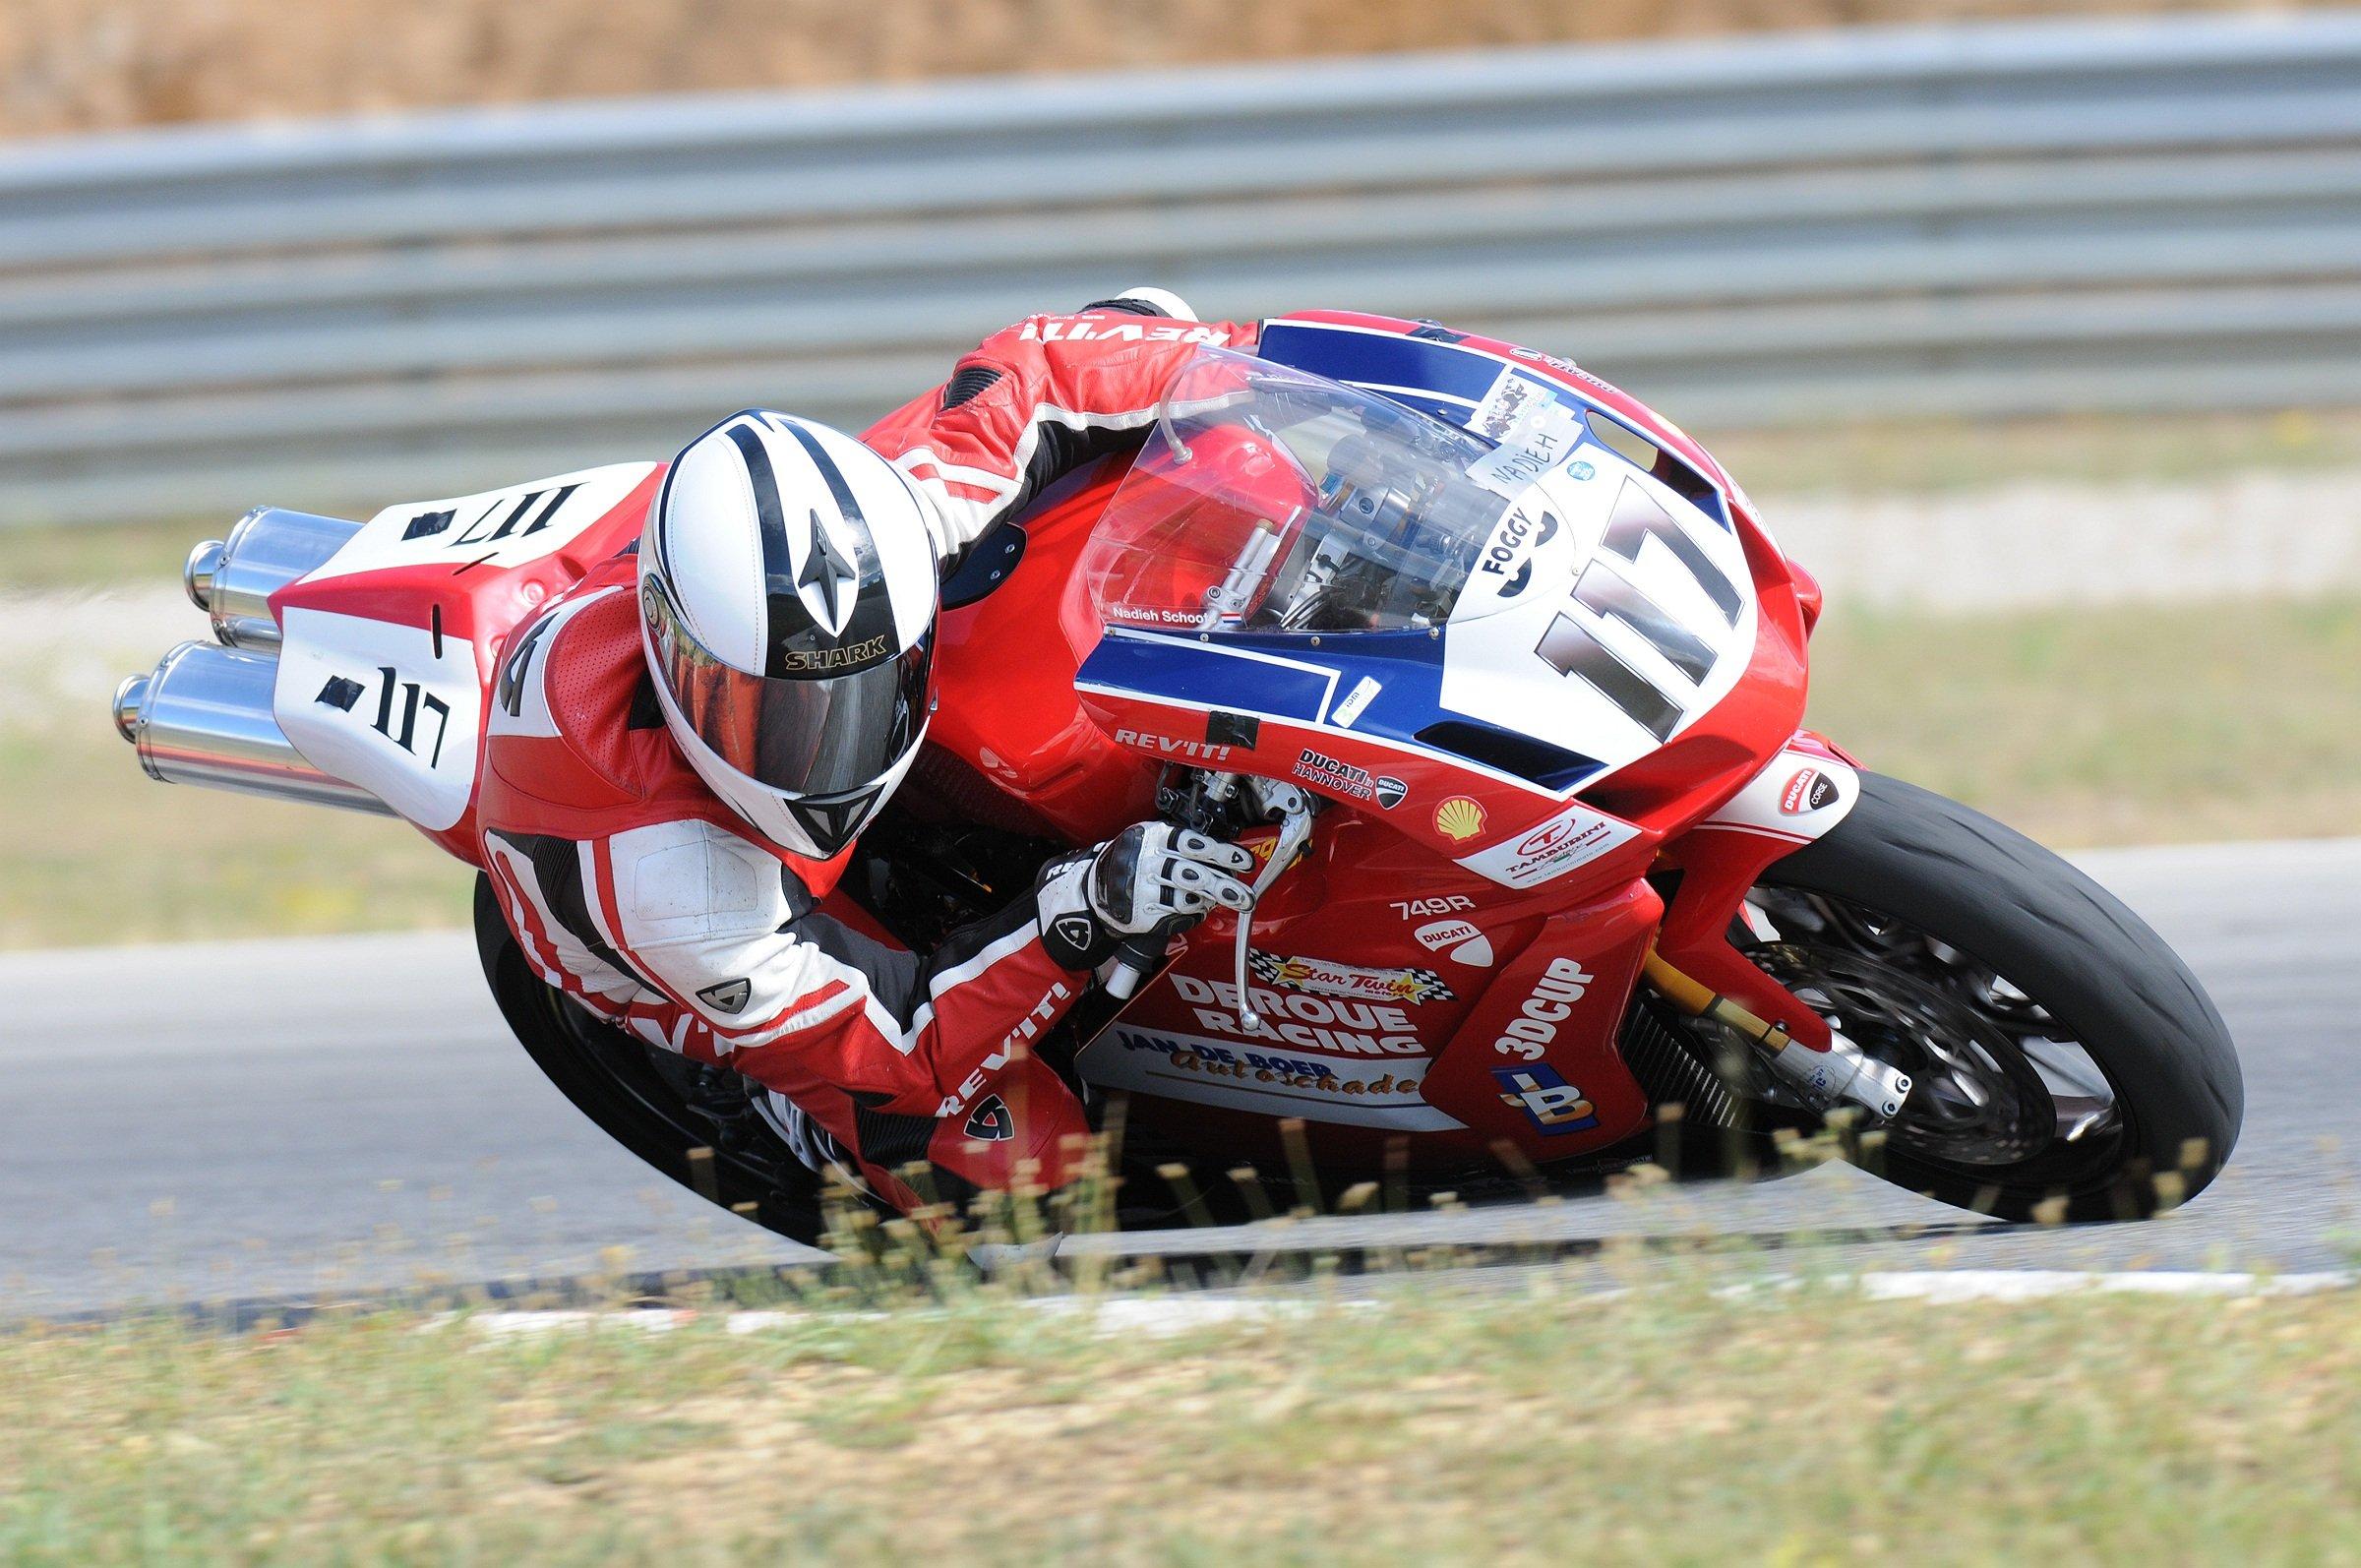 DucatiAles.JPG